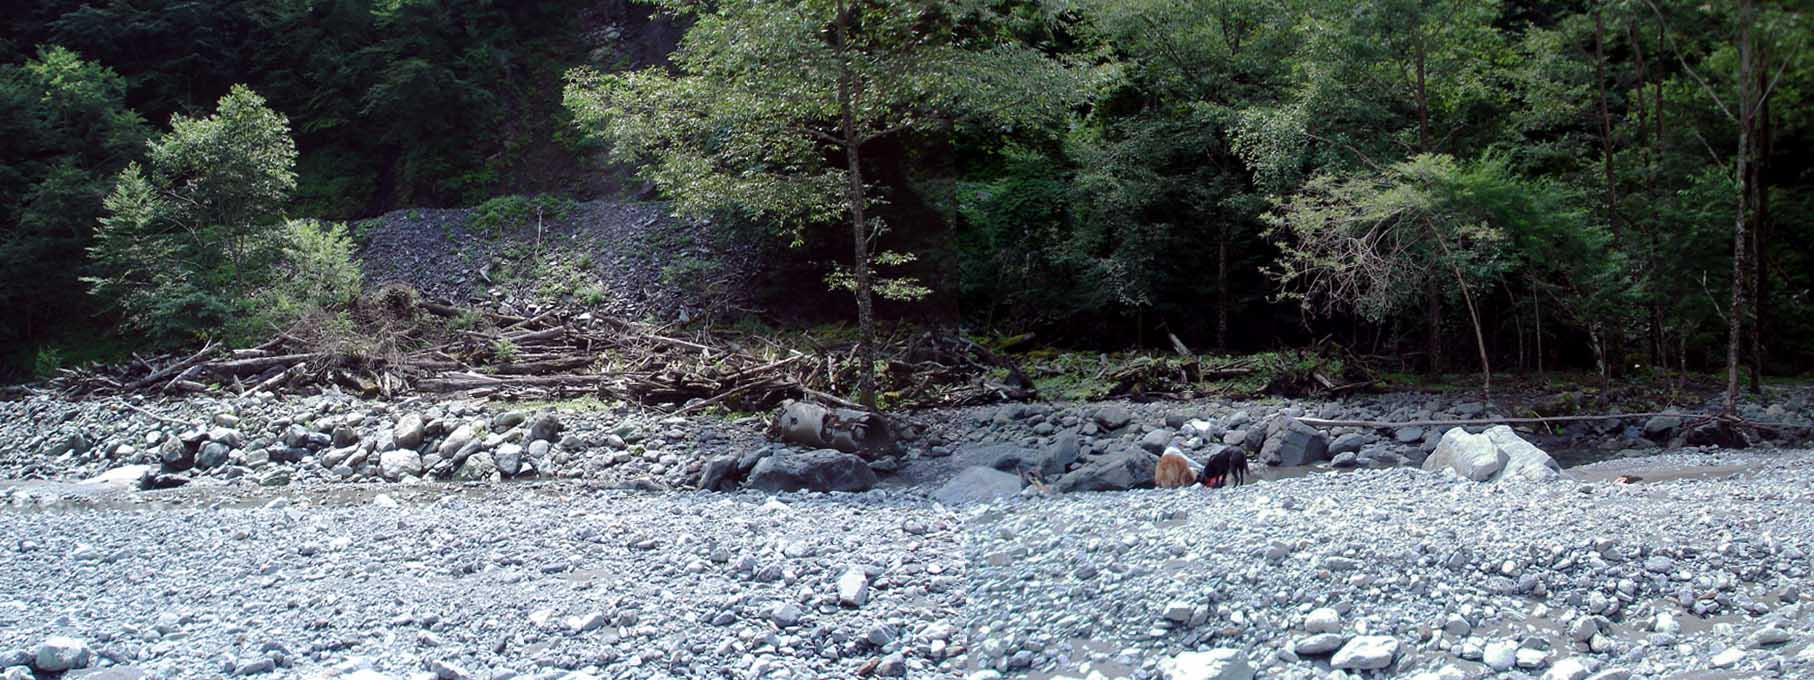 三峰川 20100816 昨年のチャンス訓練場所